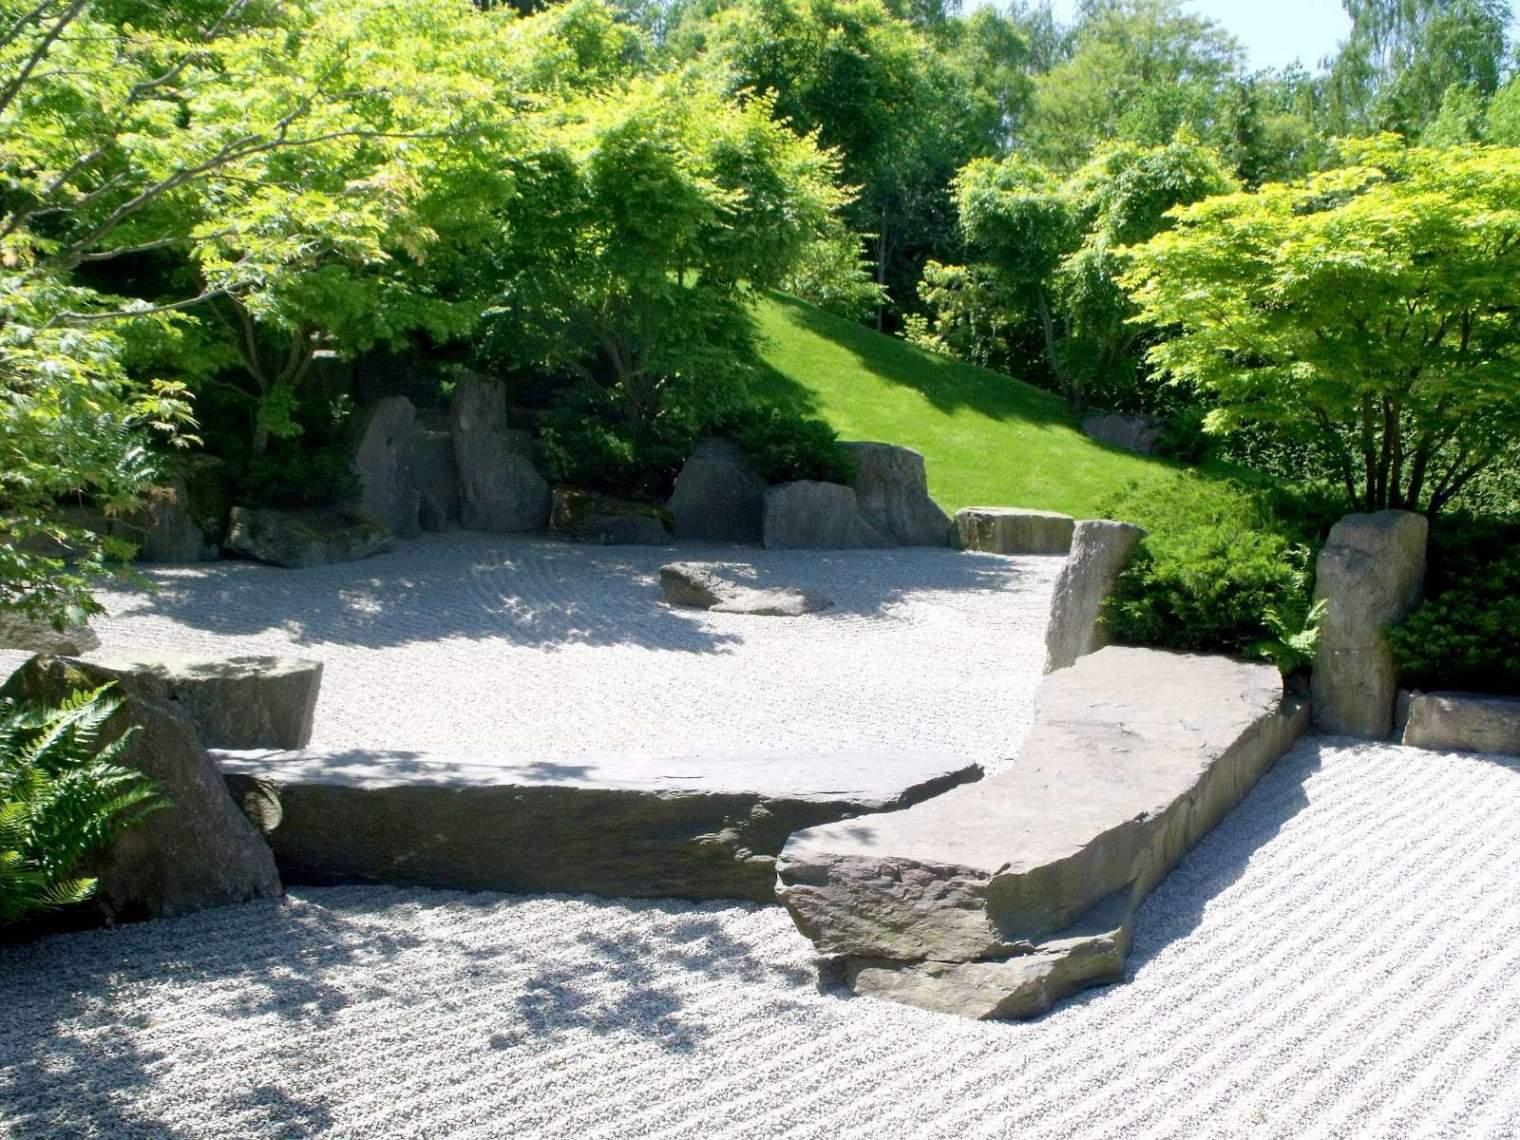 Ideen Für Den Garten Elegant 24 Schön Schöne Gärten Bilder Inspirierend